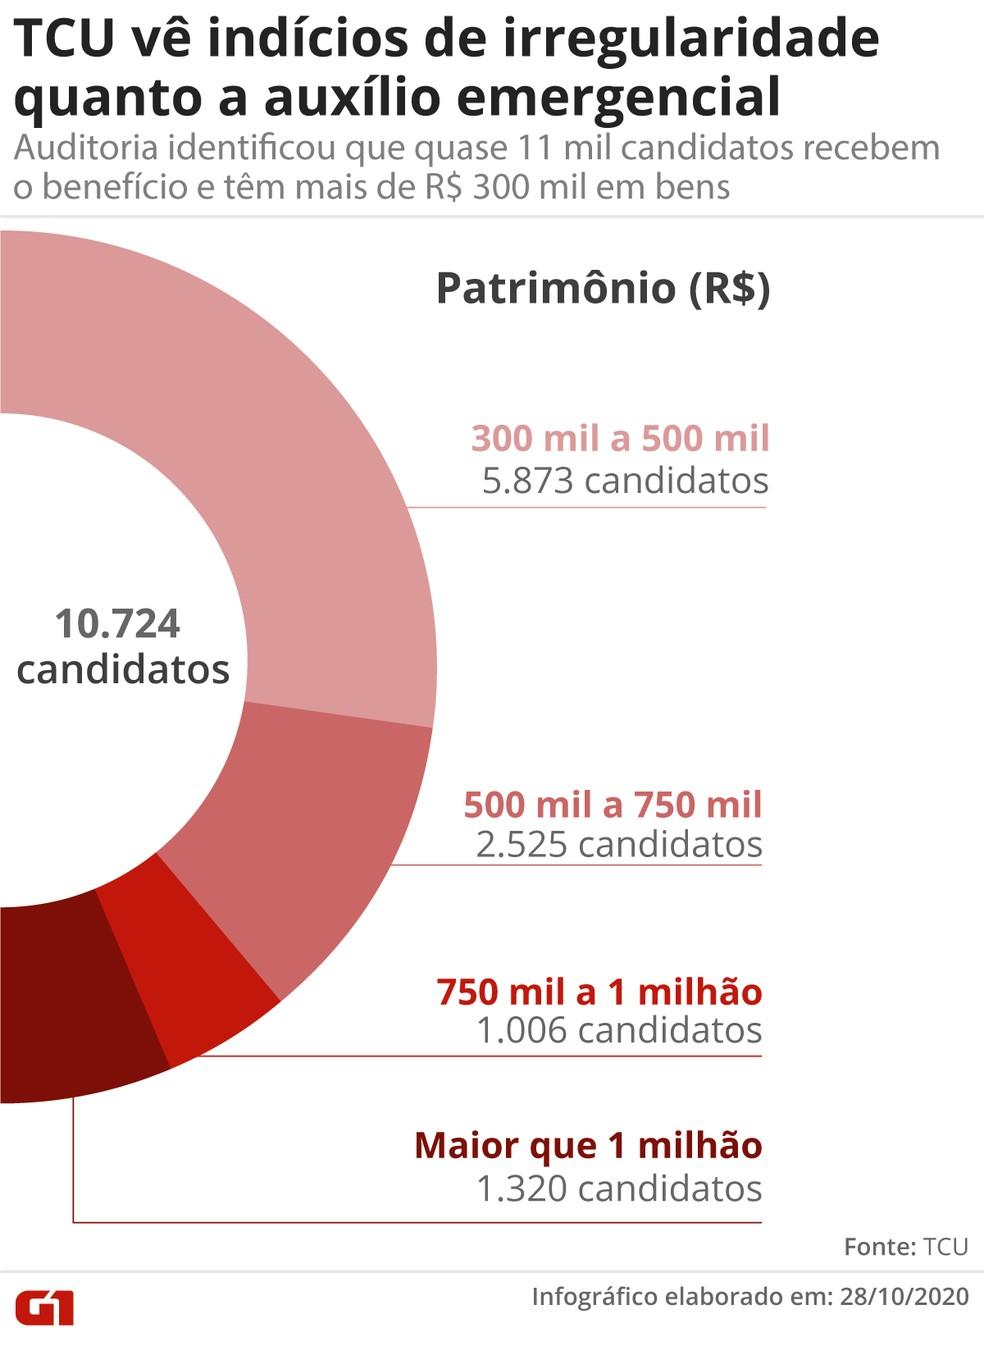 TCU vê indícios de irregularidade quanto a auxílio emergencial: auditoria identificou que quase 11 mil candidatos recebem o benefício e têm mais de R$ 300 mil em bens — Foto: Guilherme Pinheiro / G1